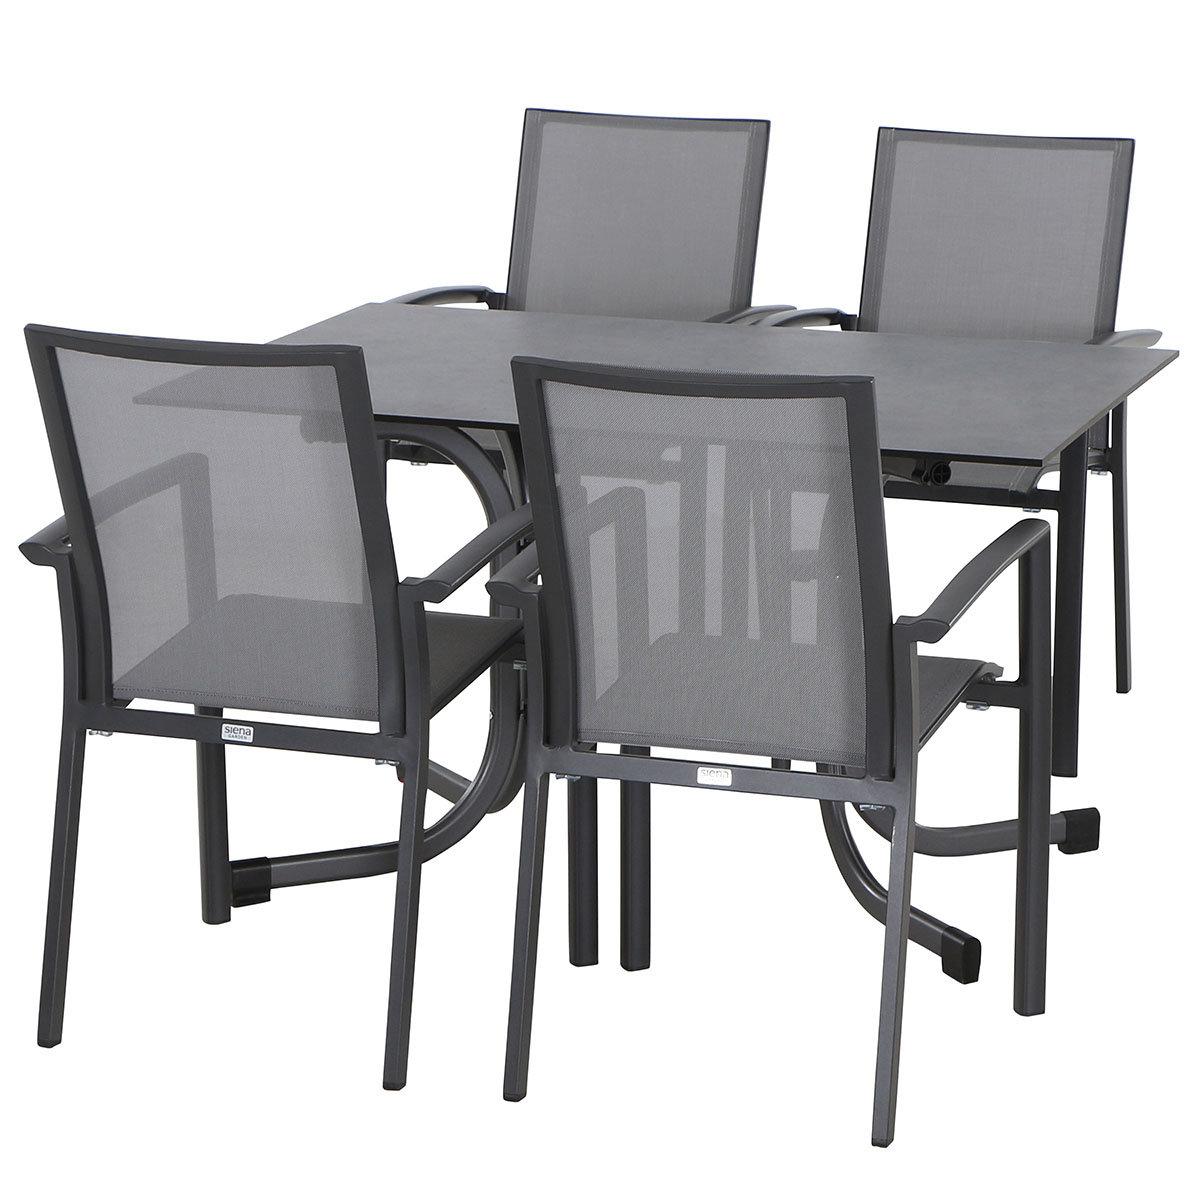 Gartenmöbel-Set Velia mit 4 Stapelstühlen und 1 Aluminium-Klapptisch